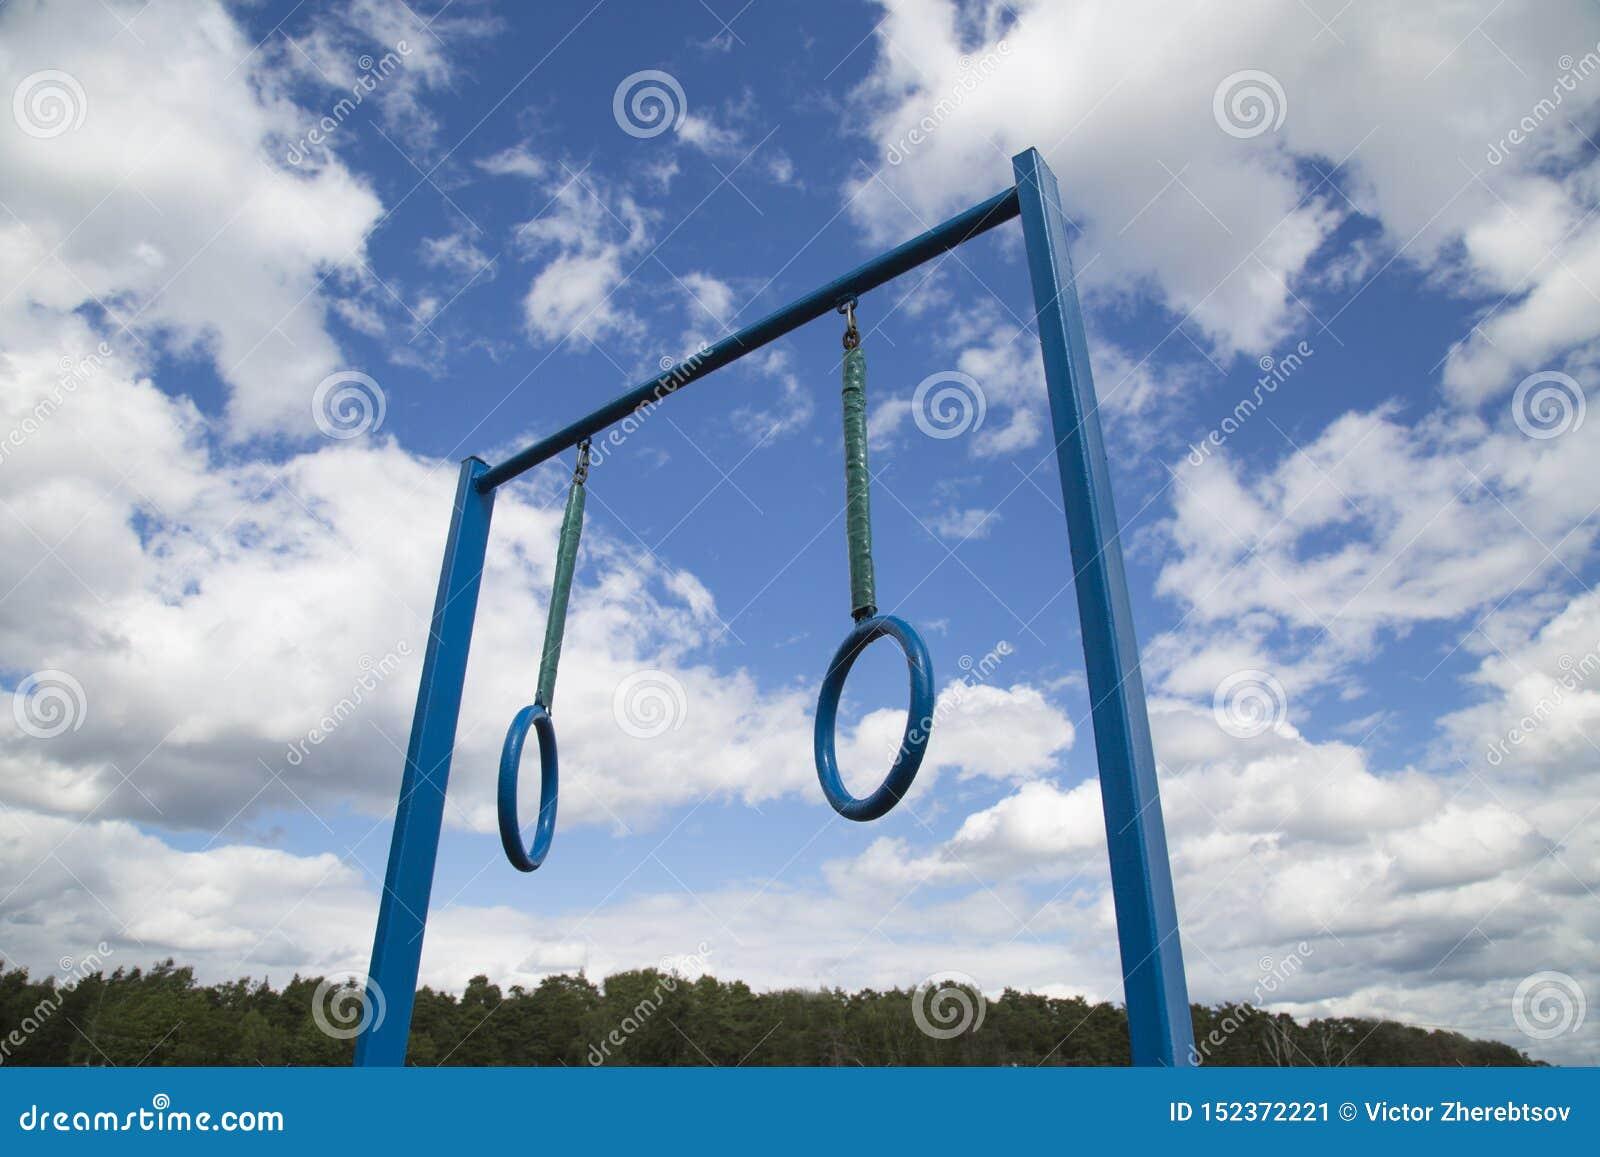 有两个圆环的运动器材标志横线在天空蔚蓝云彩森林的背景